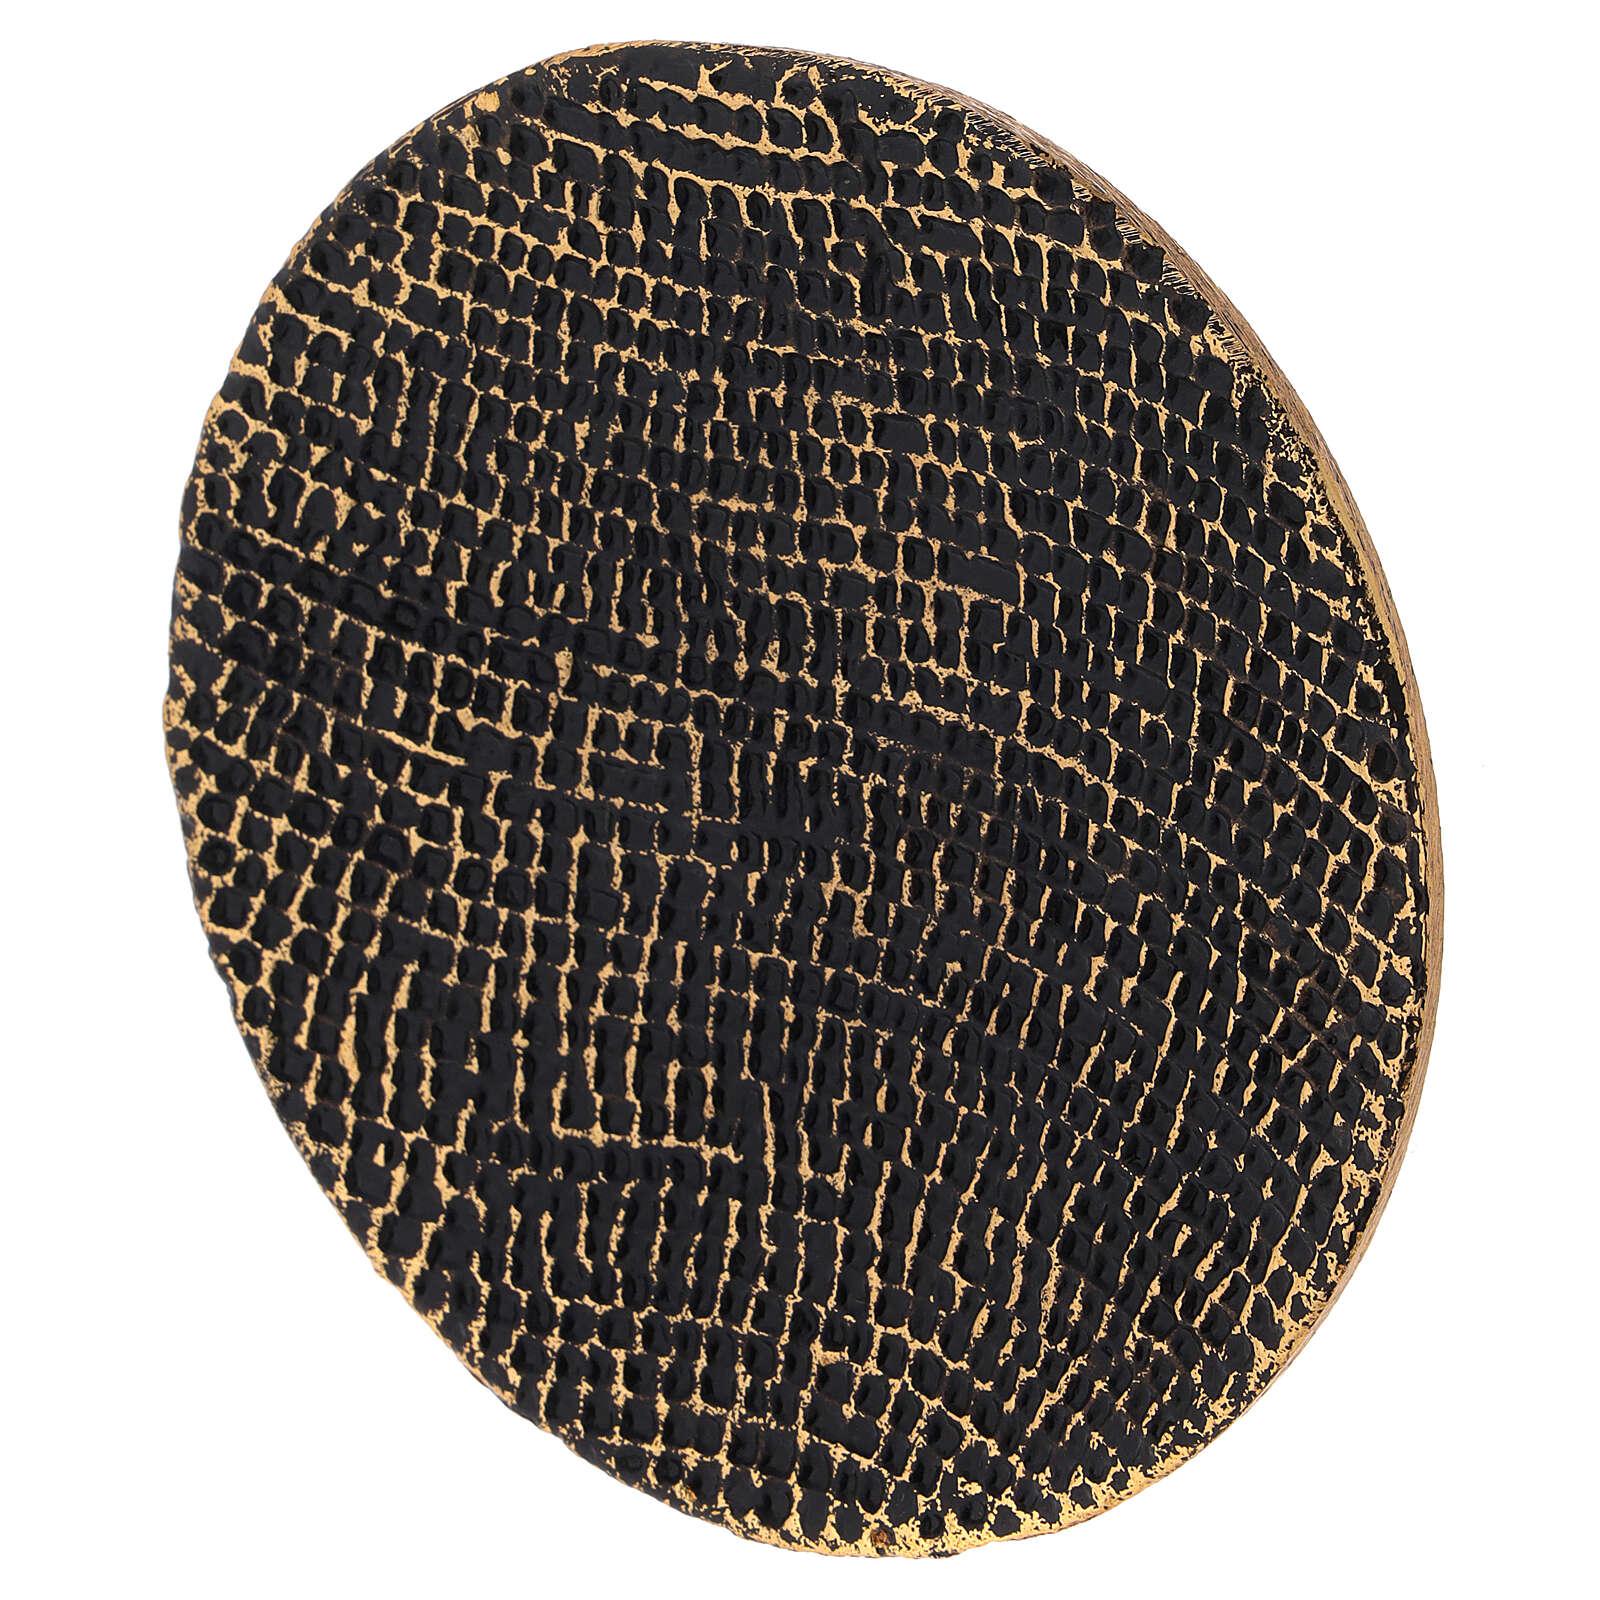 Plato portavela nido de abeja negro oro diámetro 14 cm 3